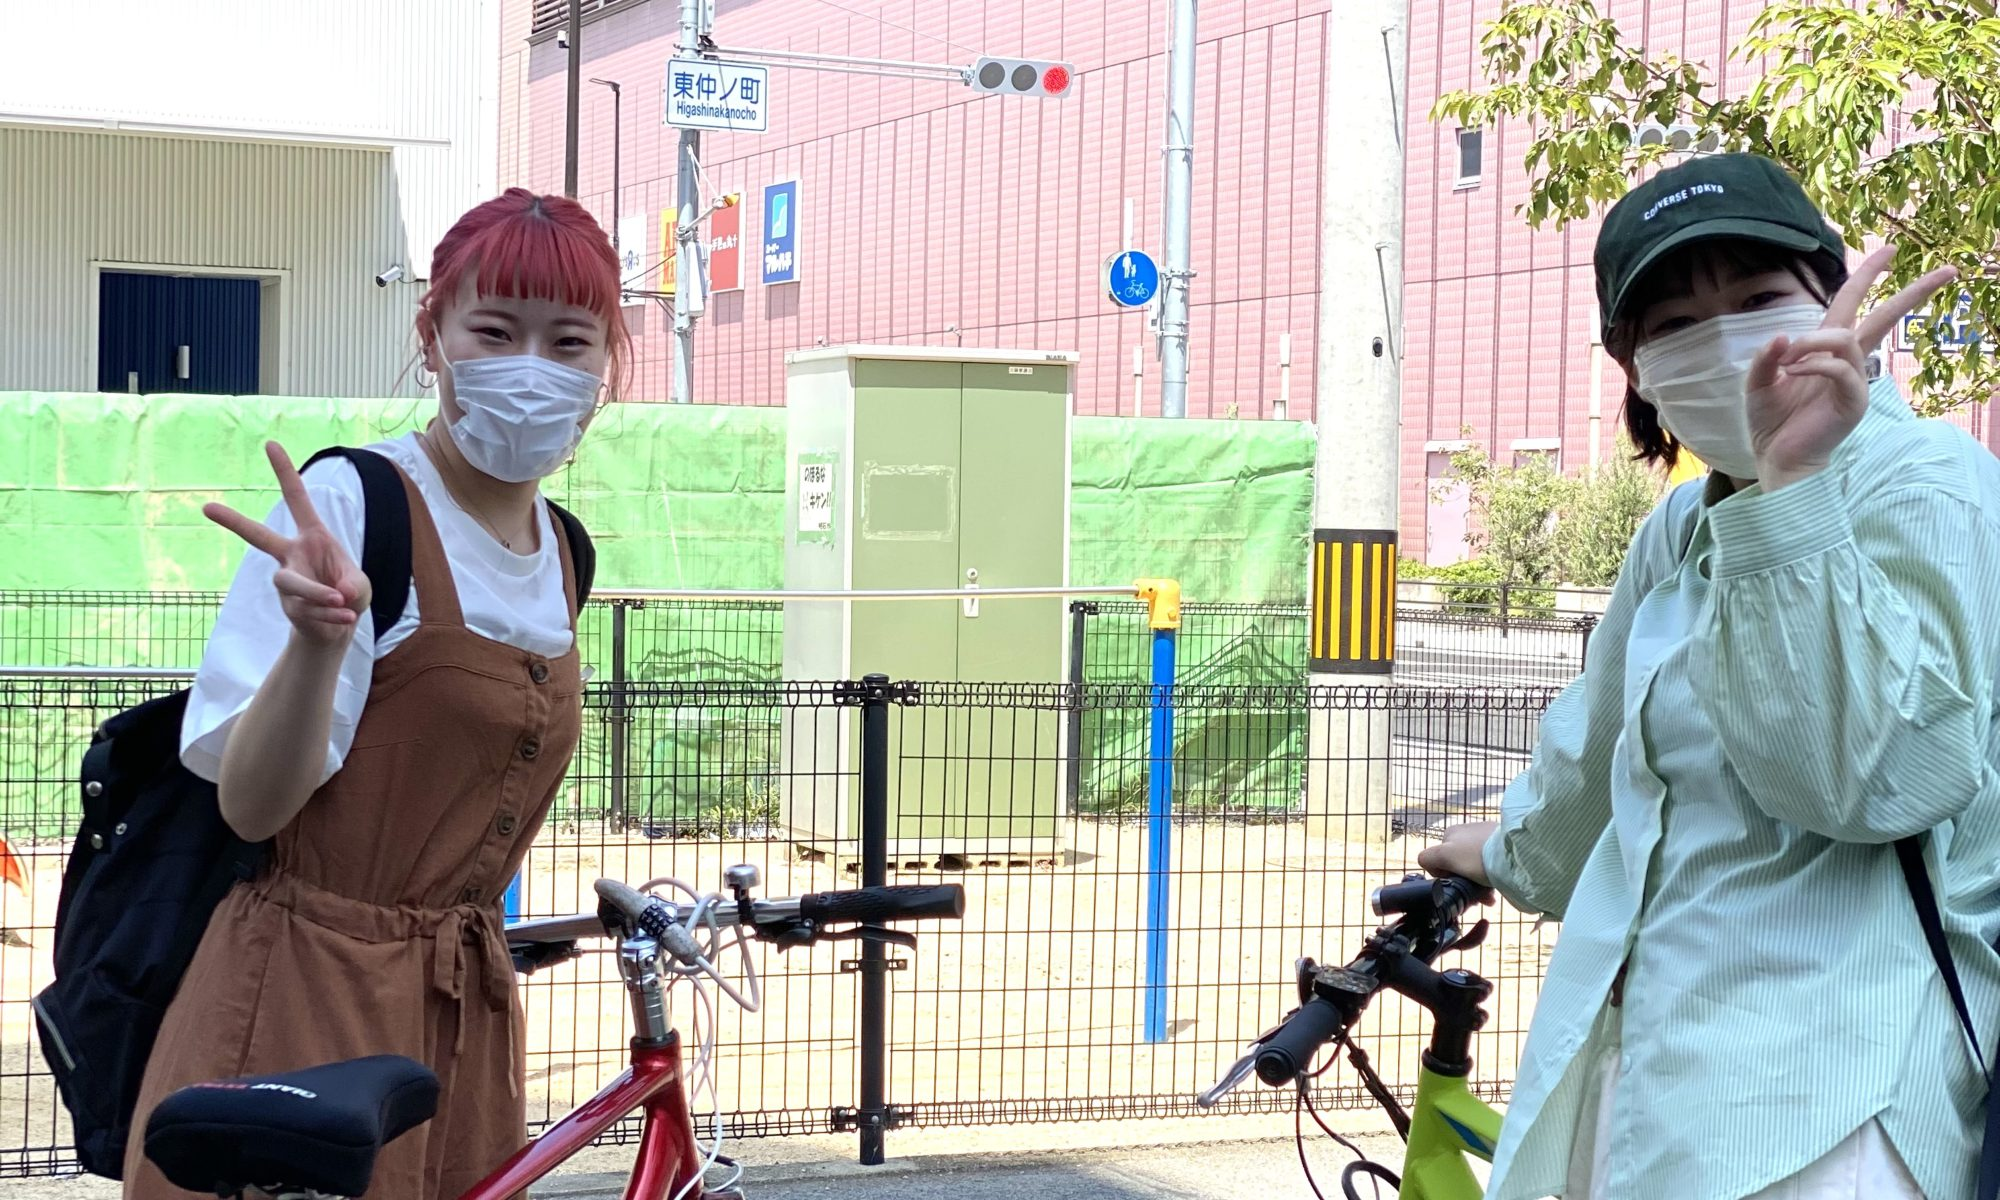 ブログ|明石 淡路島 レンタサイクル|電動自転車